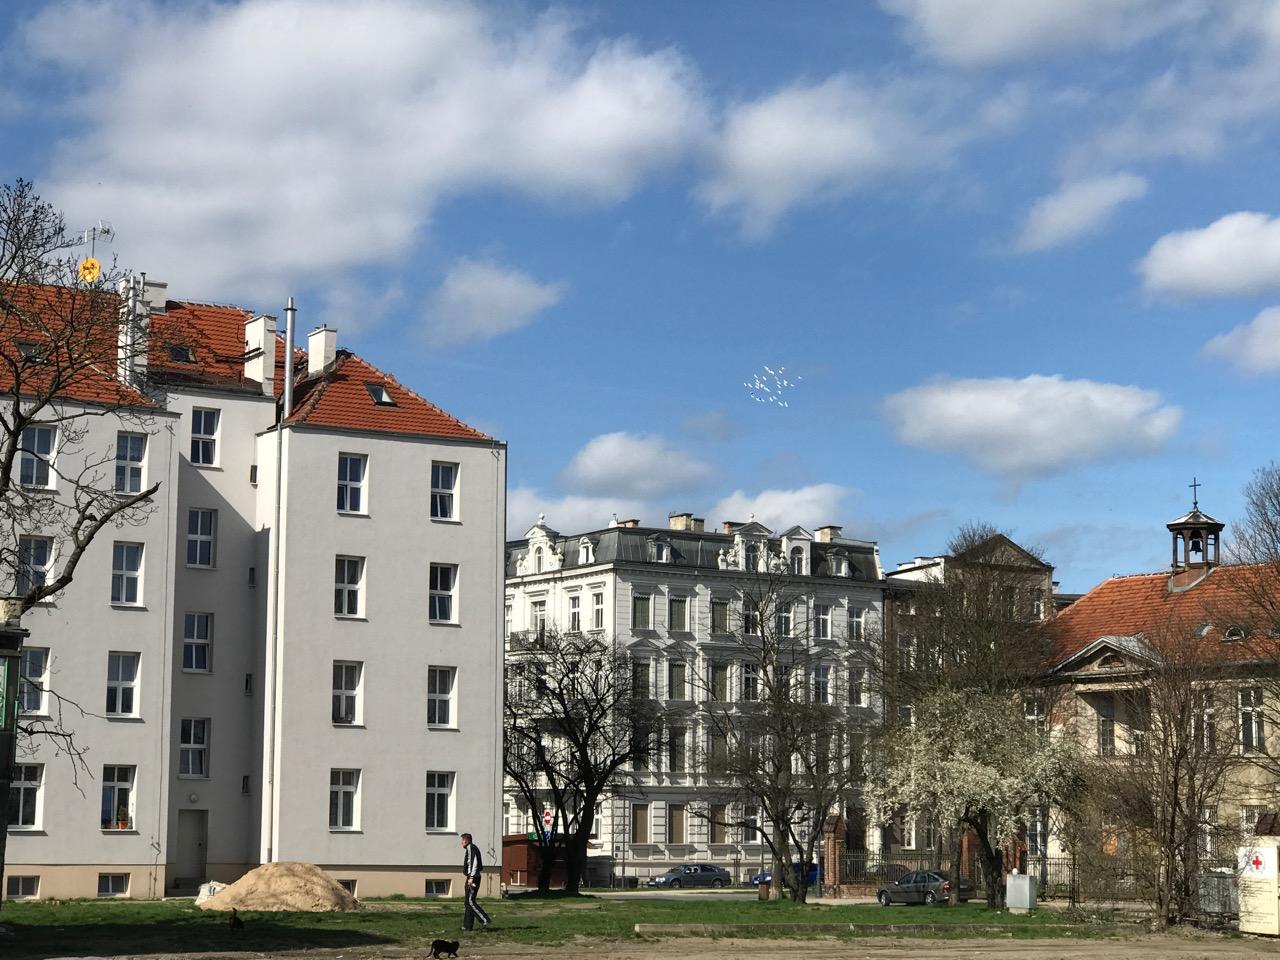 Dolne Miasto - ul. Wróbla, Łąkowa i Zdzisława Kieturakisa